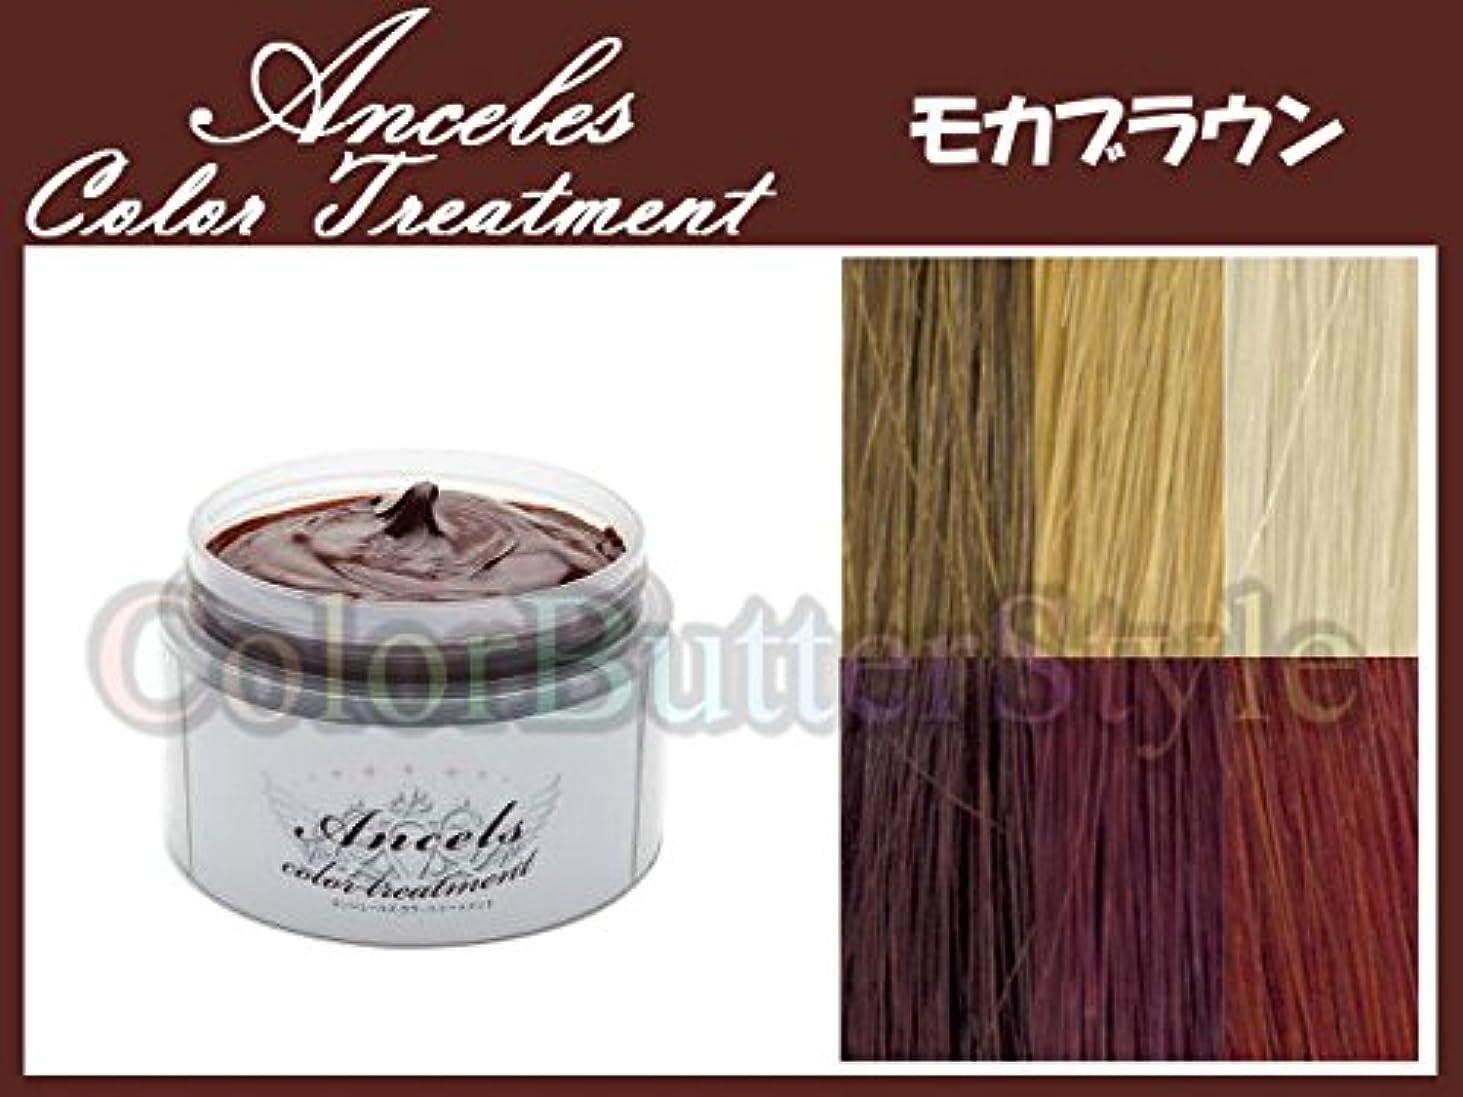 カラーバター エンシェールズカラートリートメント モカブラウン【ColorButterStyle】 全26色お選びいただけます! 染髪用手袋付き